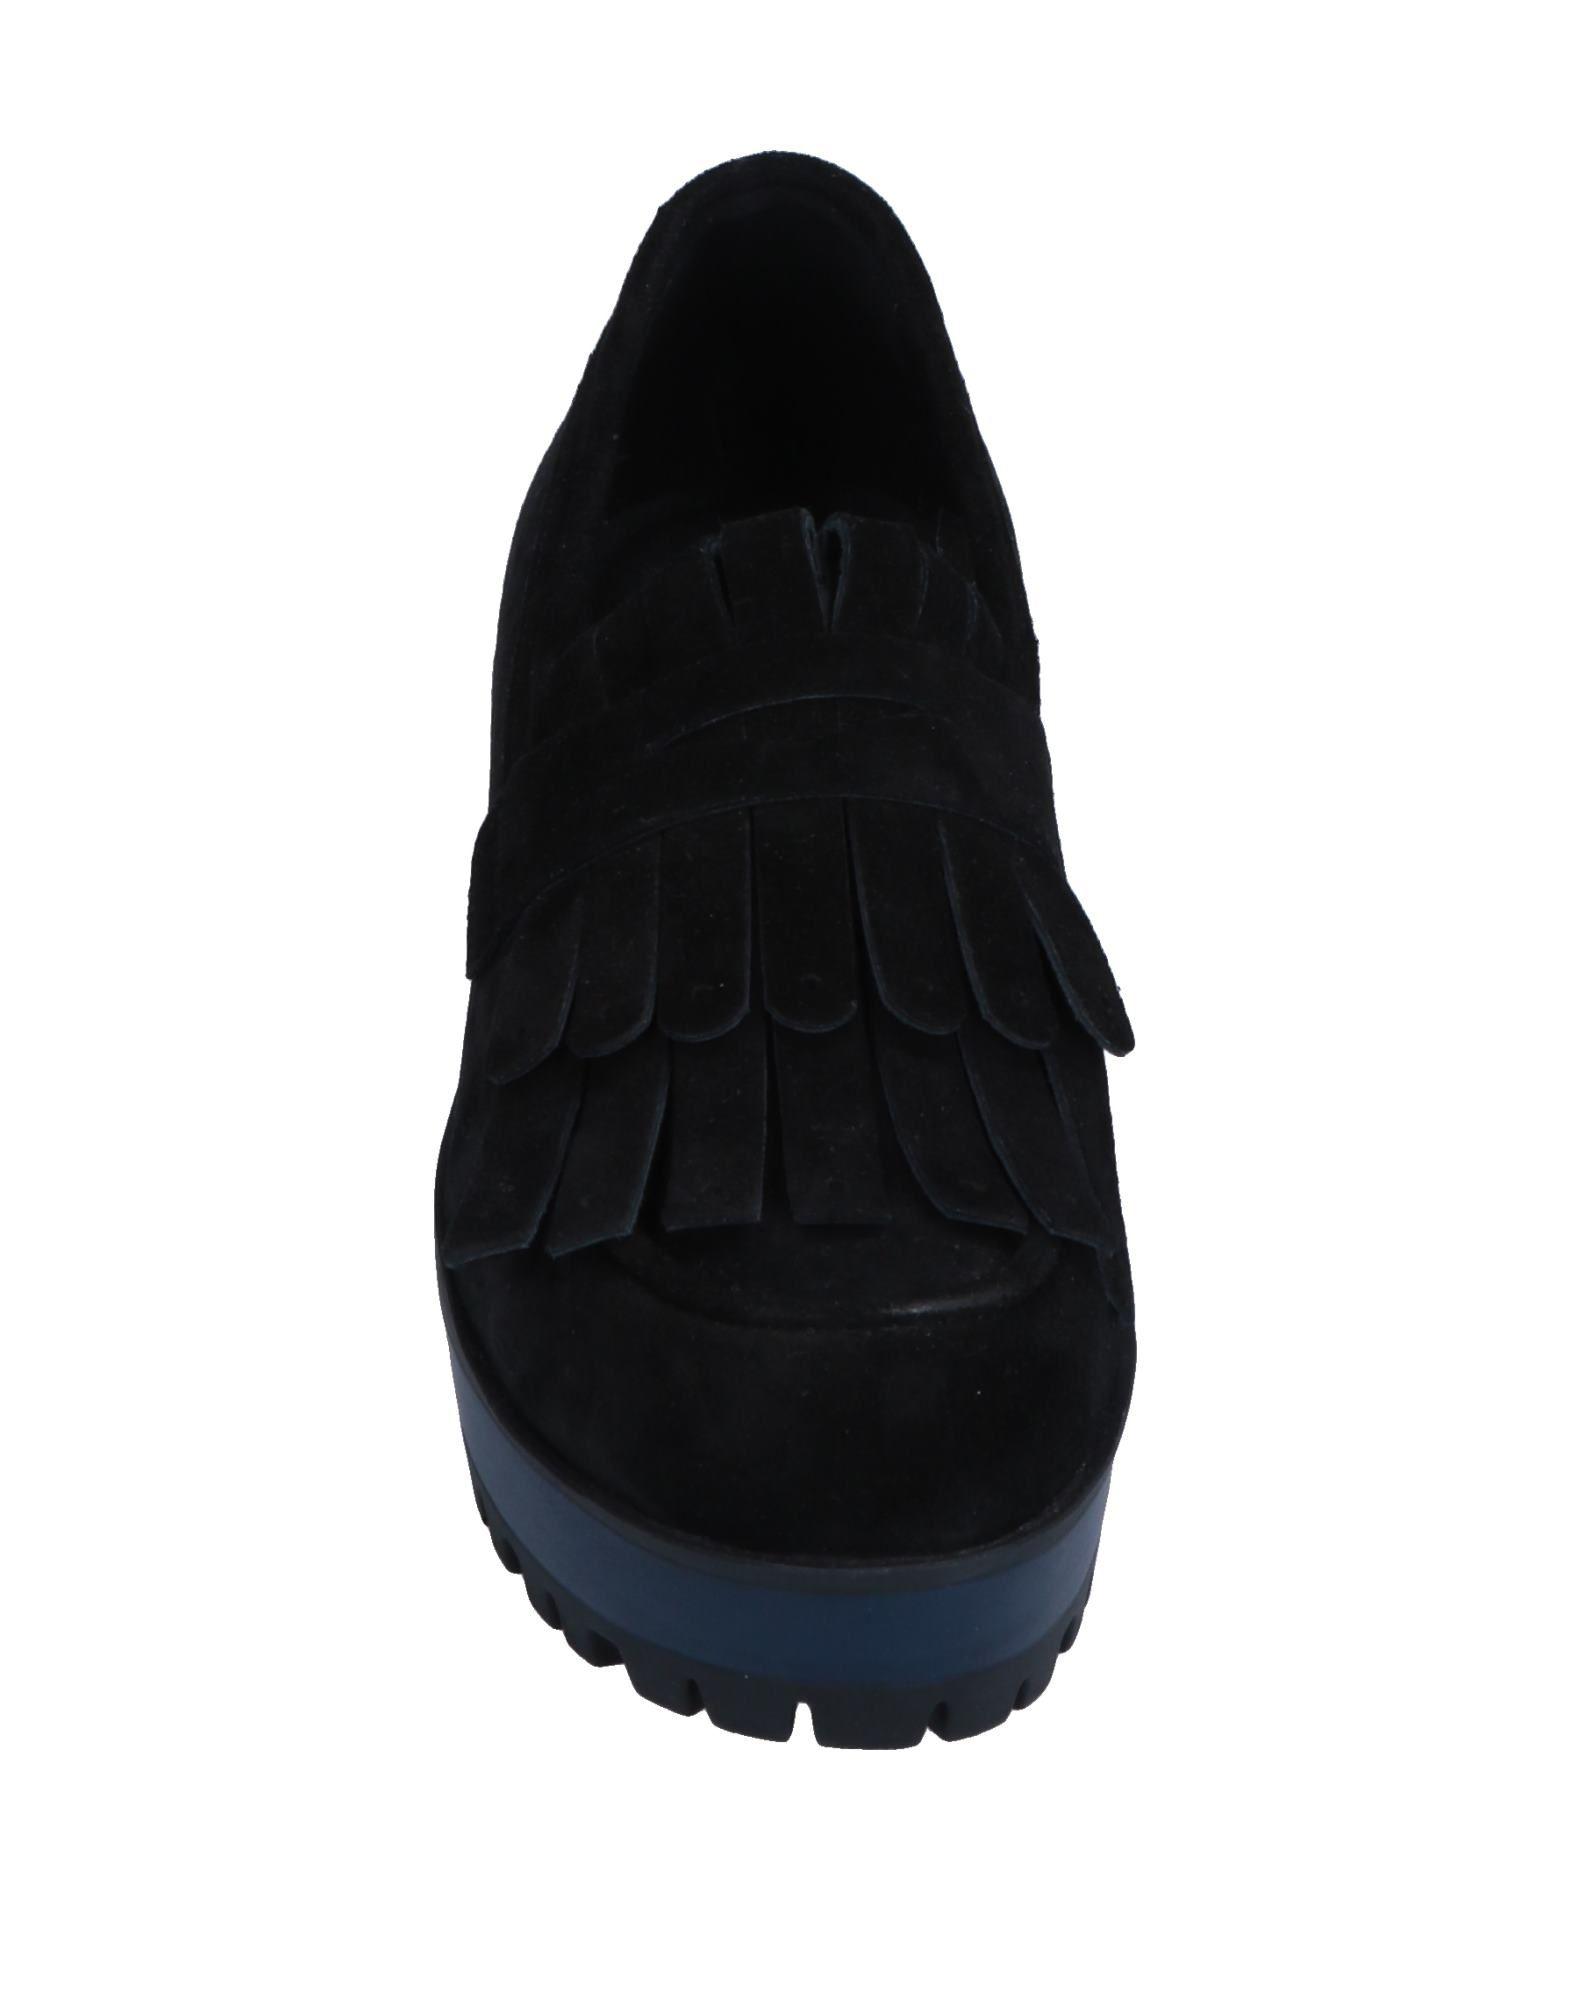 Tosca Blu Shoes Gute Mokassins Damen  11557582PQ Gute Shoes Qualität beliebte Schuhe cf1dfc